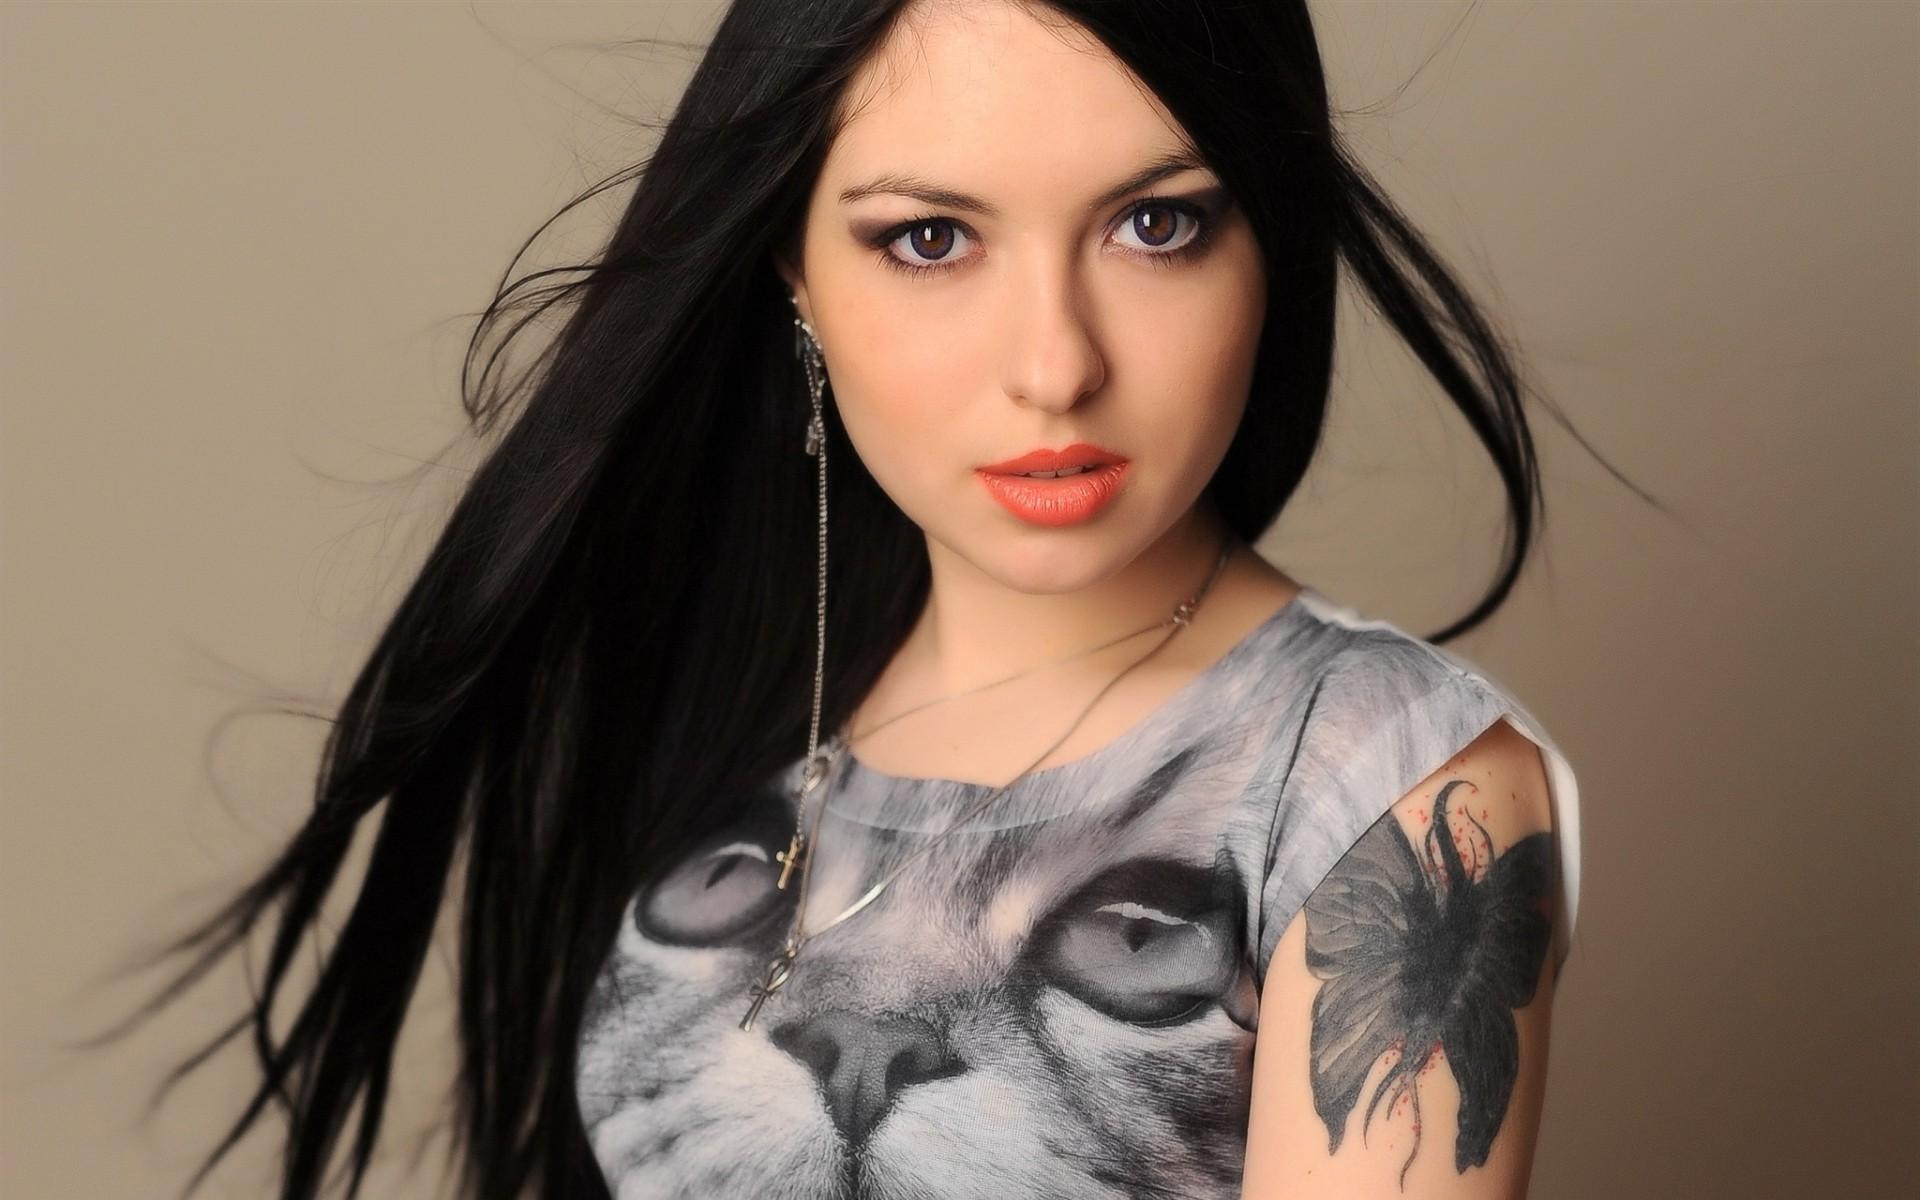 производственной программе просмотреть фото простых татуировок женских уникальный пигмент